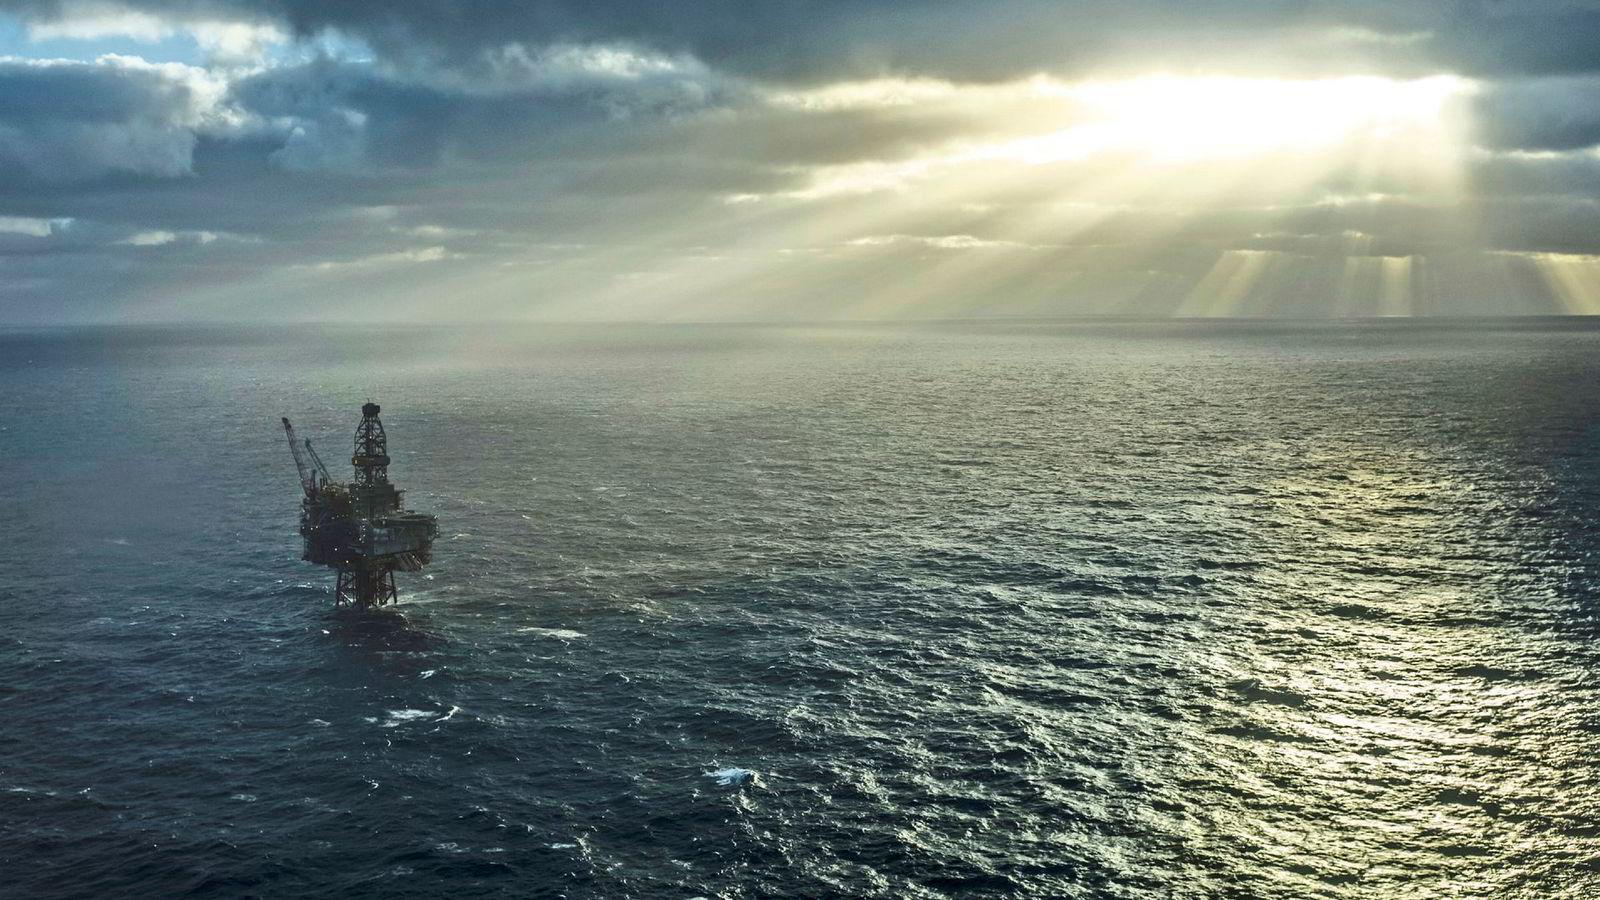 Norske olje- og gasseiendeler er fortsatt dyre, mener styreleder Bijan Mossavar-Rahmani i DNO. Her ses feltet Ringhorne, hvor Vår Energi er operatør og Faroe har en eierandel på 20 prosent.